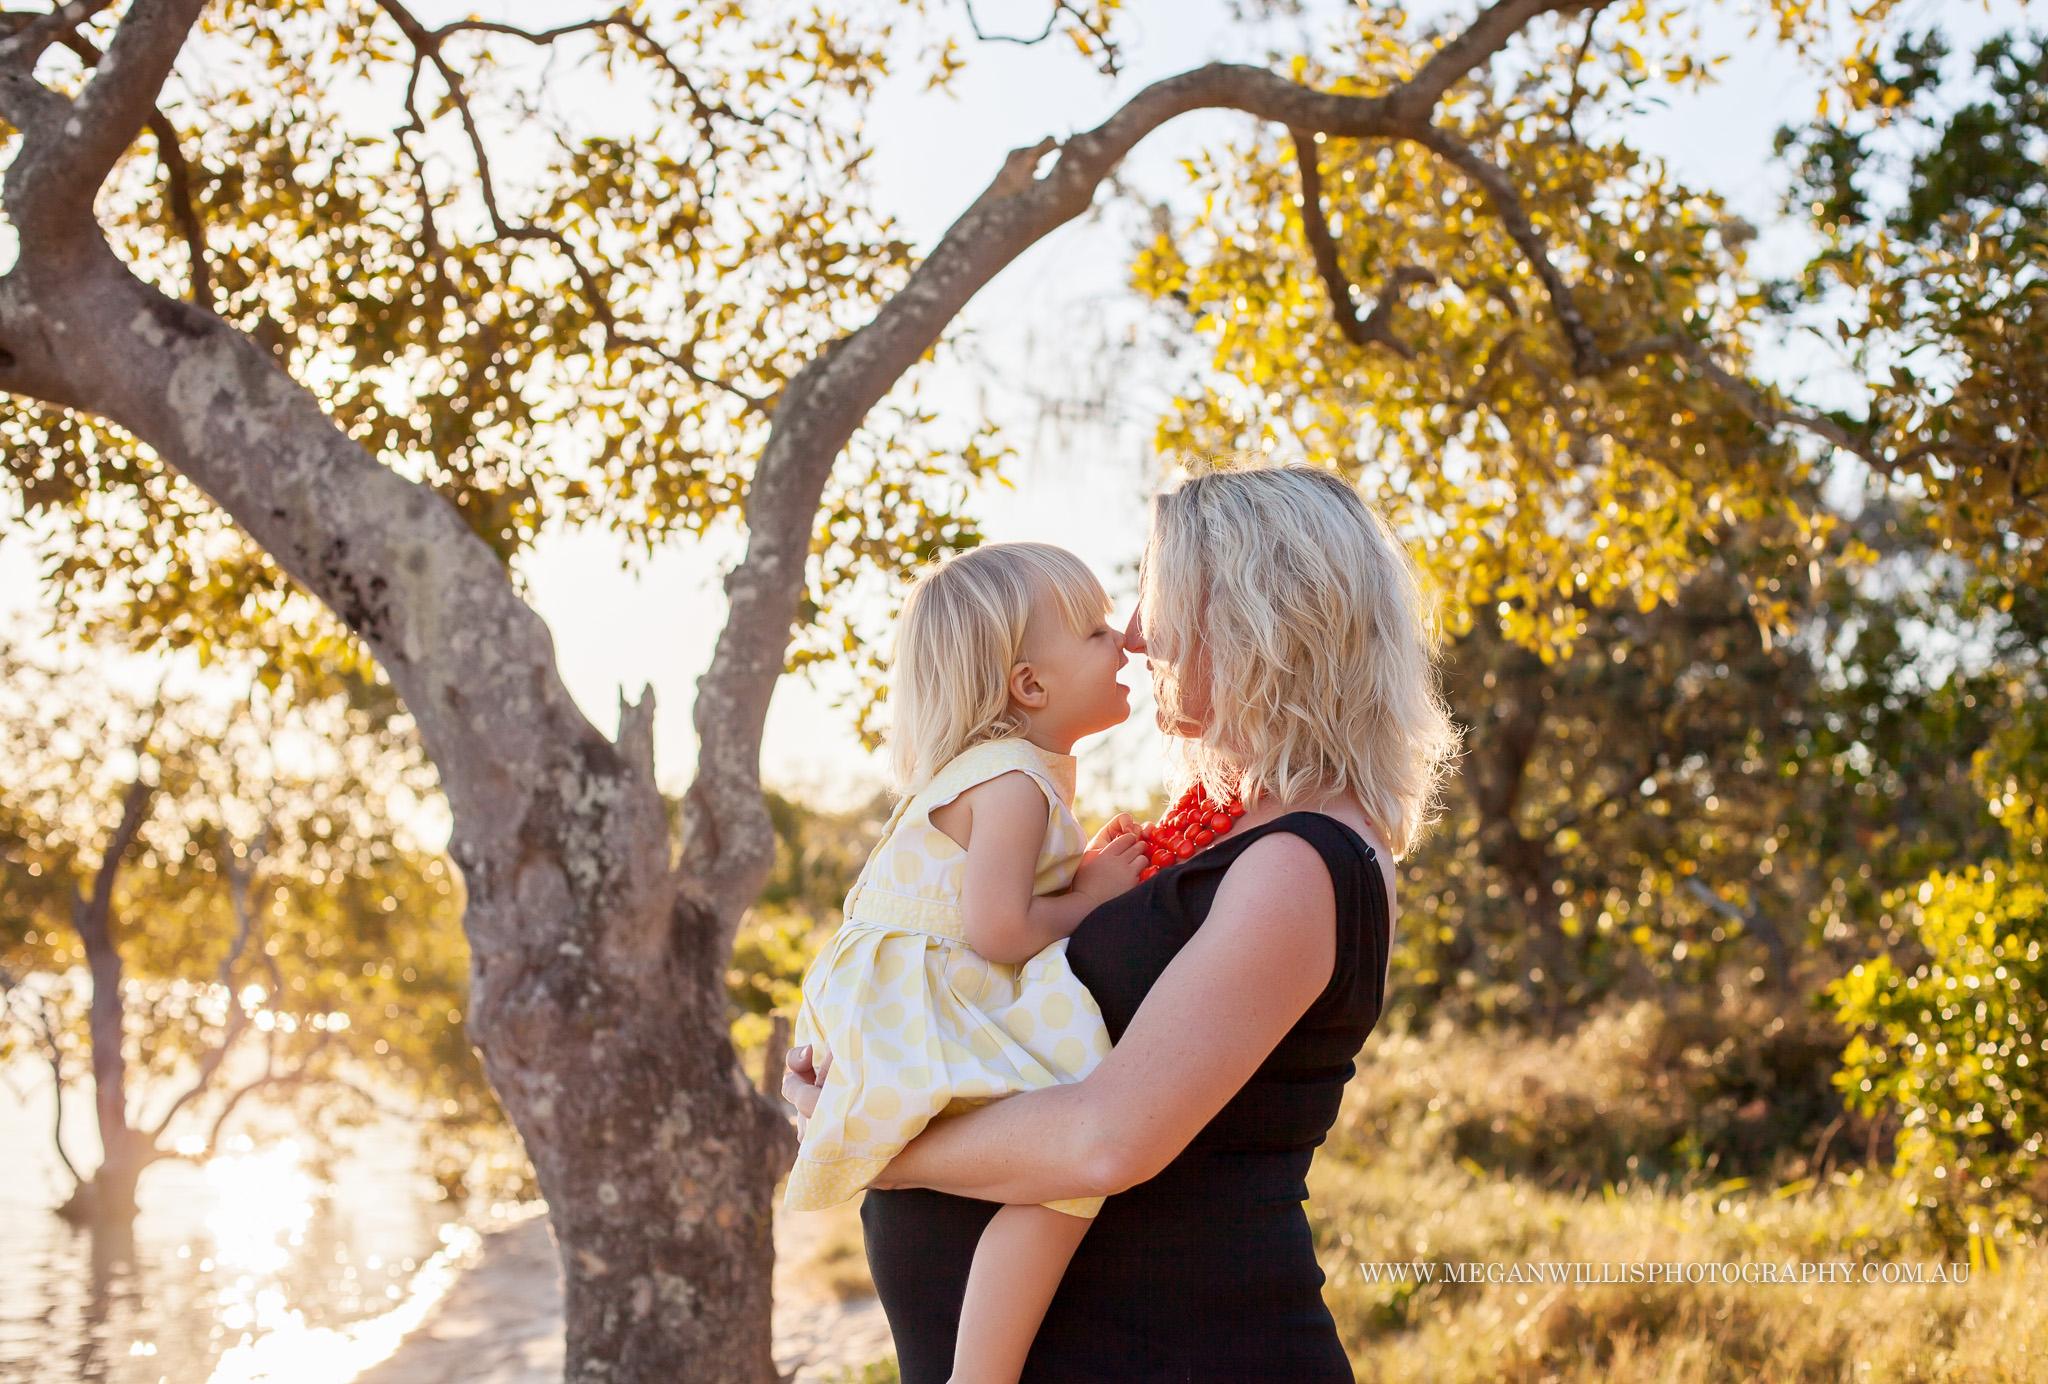 Sunshine Coast Maternity Photographer // Sarah {37 weeks} // July 2014